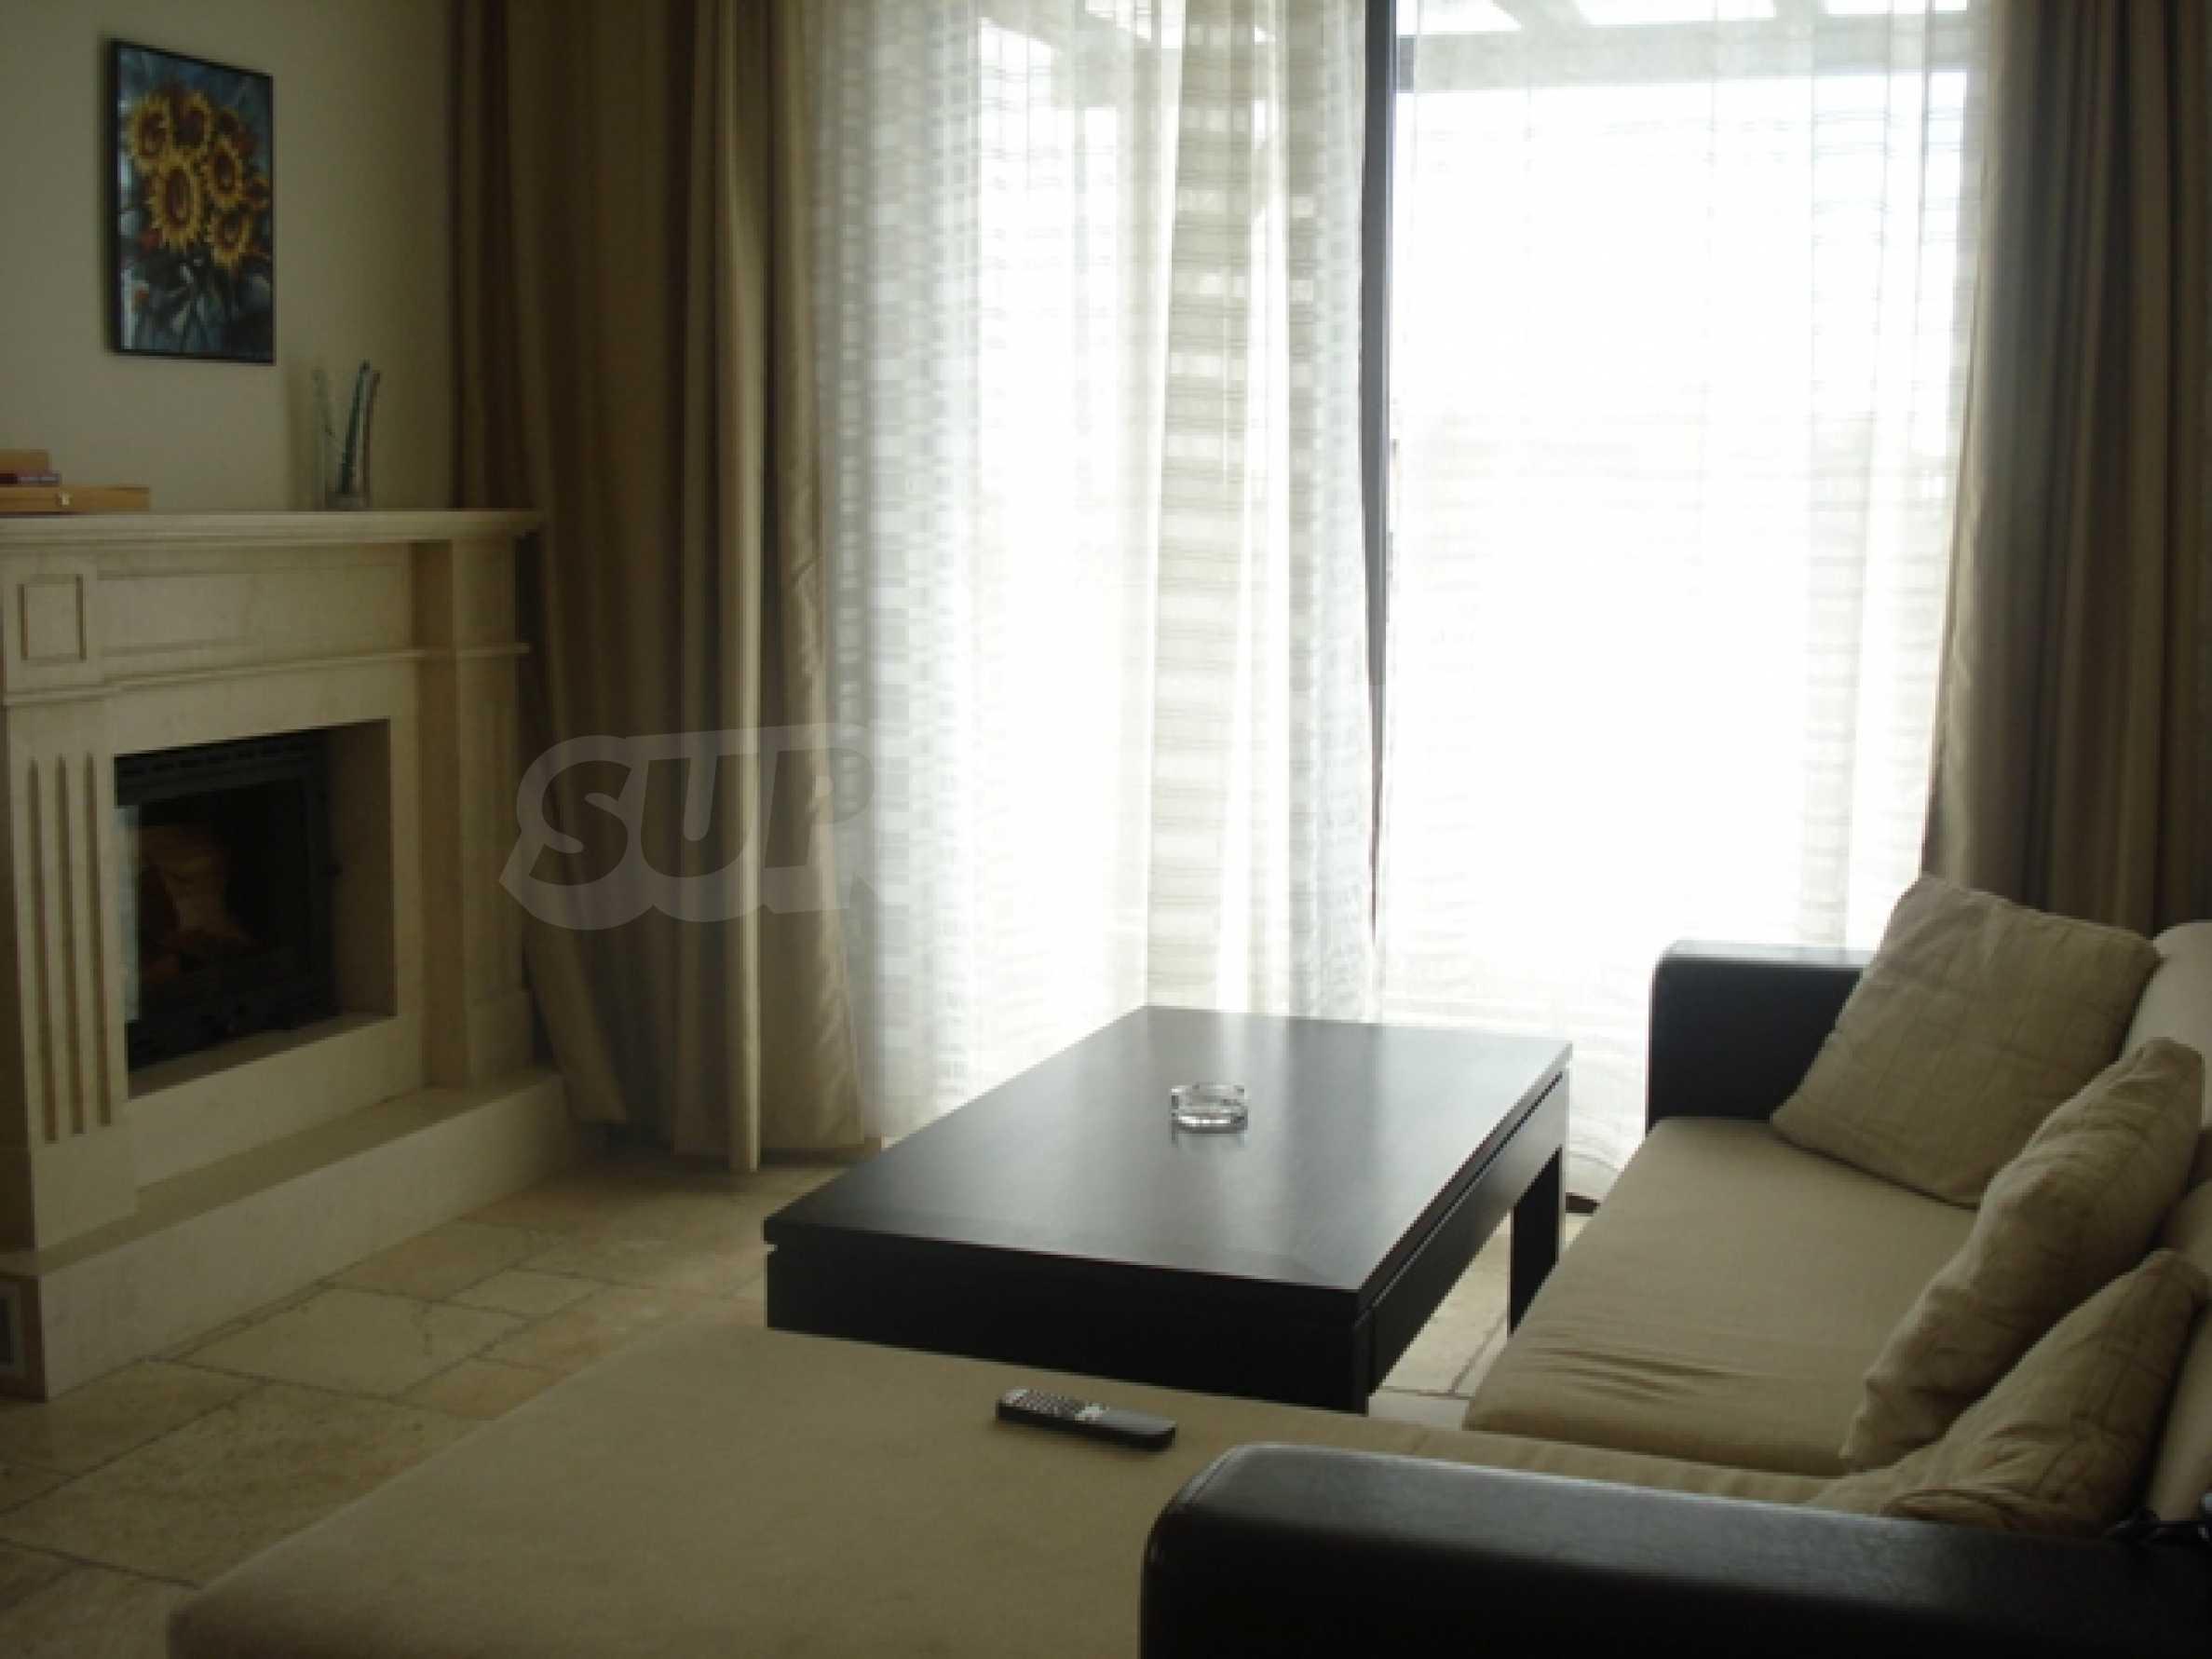 Апартамент в центре комплекса «Калиакрия Голф Резорт», в 55 км от Варны 2